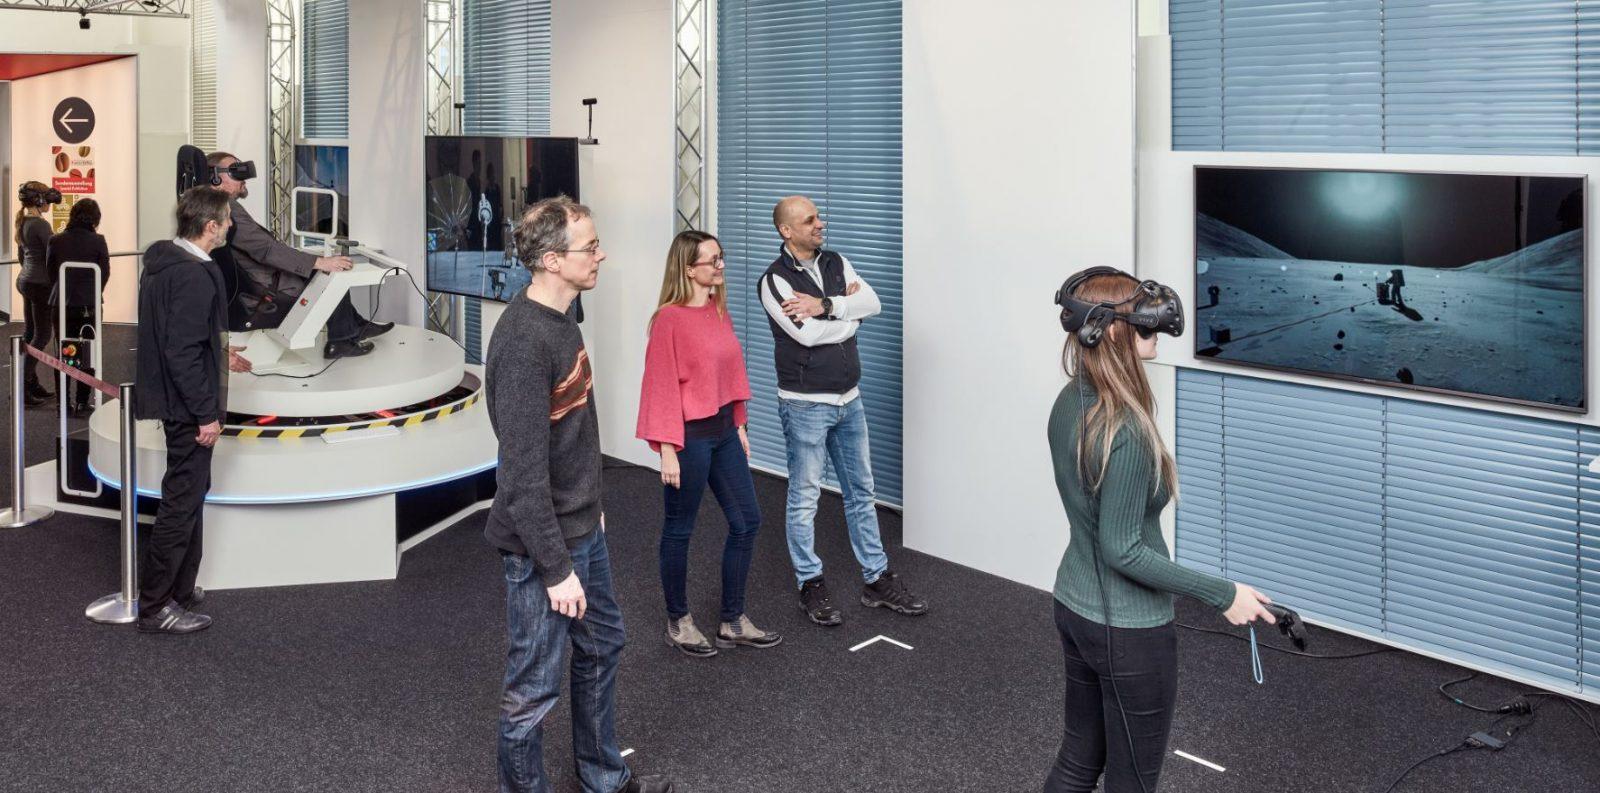 Das VRlab des Deutschen Museums mit seinen drei Flächen im Betrieb mit den BesucherInnen